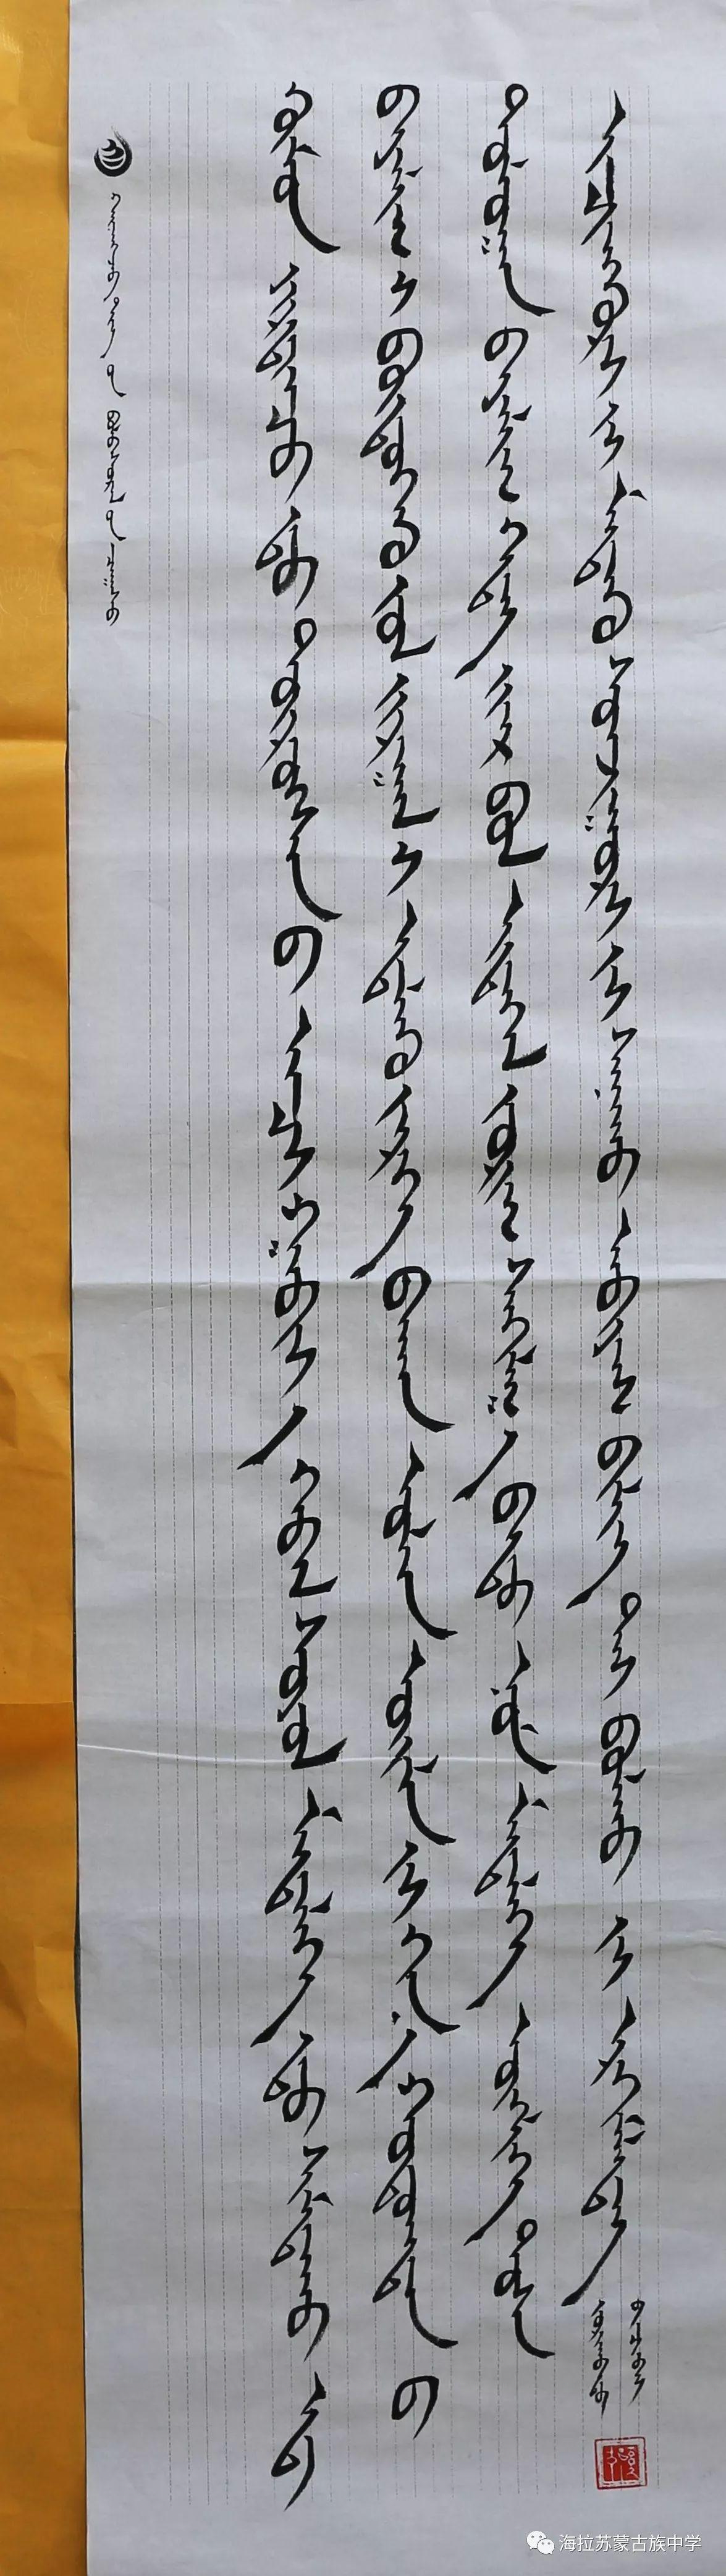 【奥奇】蒙古文书法网络展 第12张